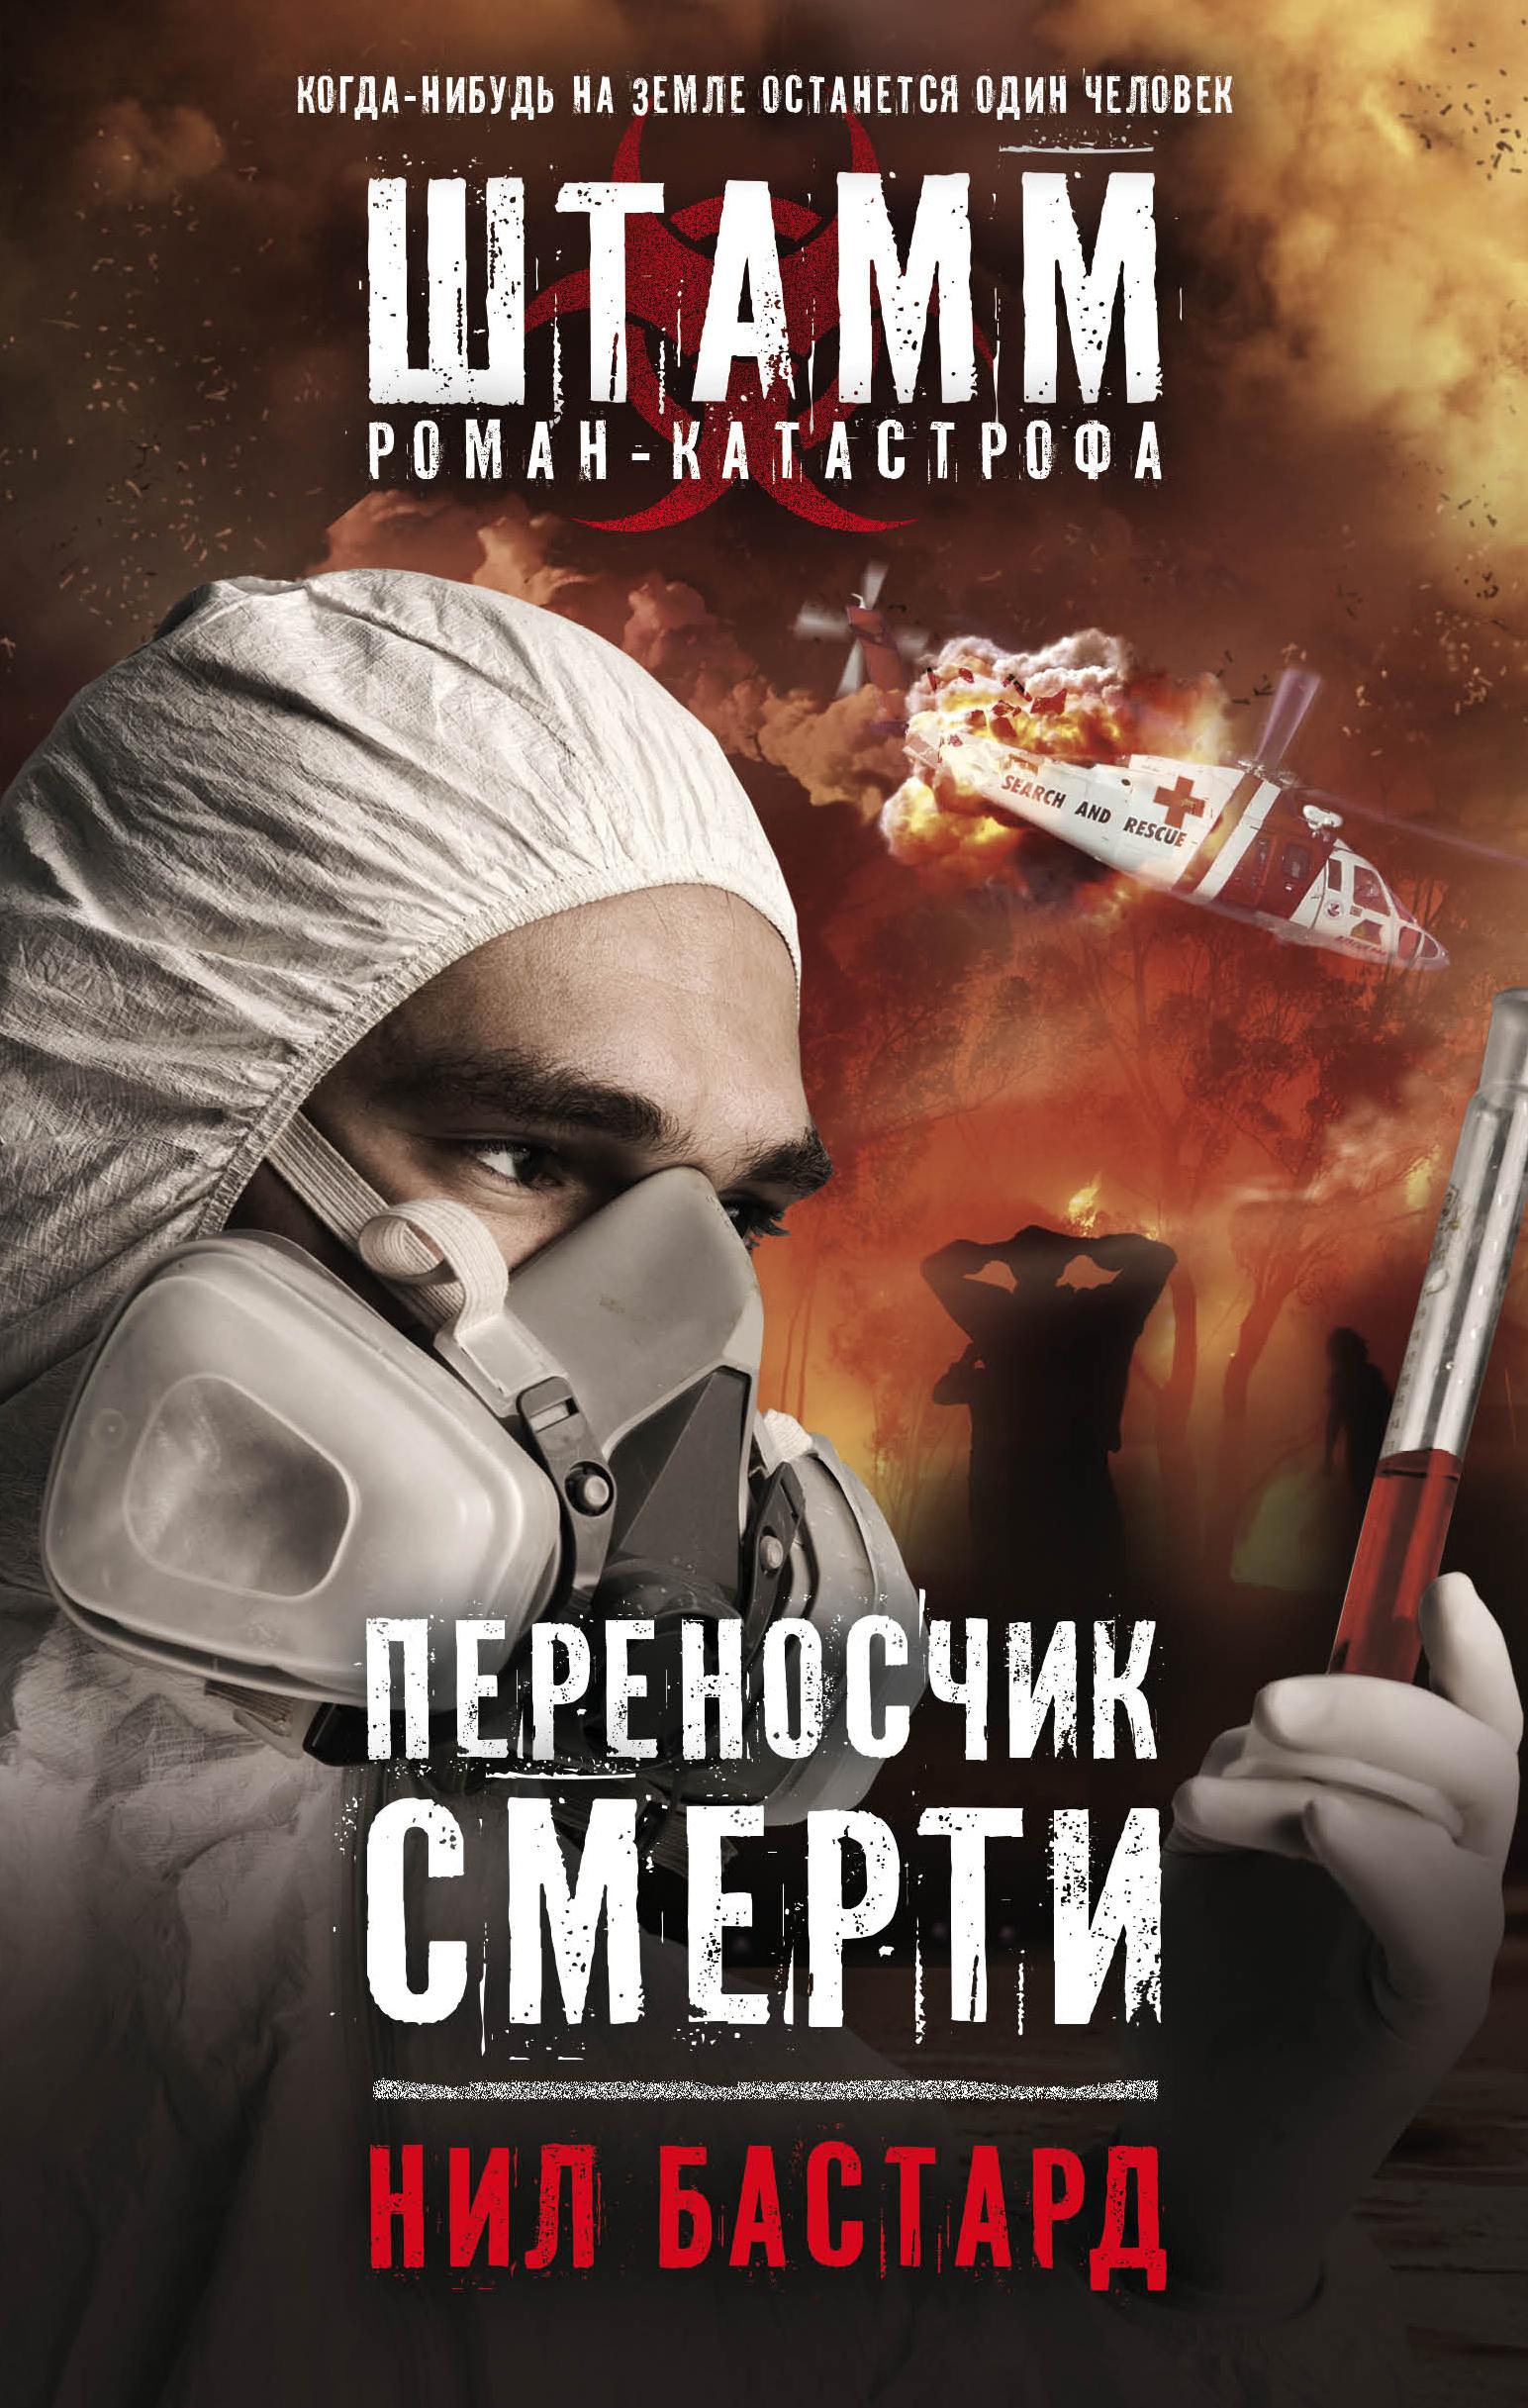 http://data.fantlab.ru/images/editions/orig/161592